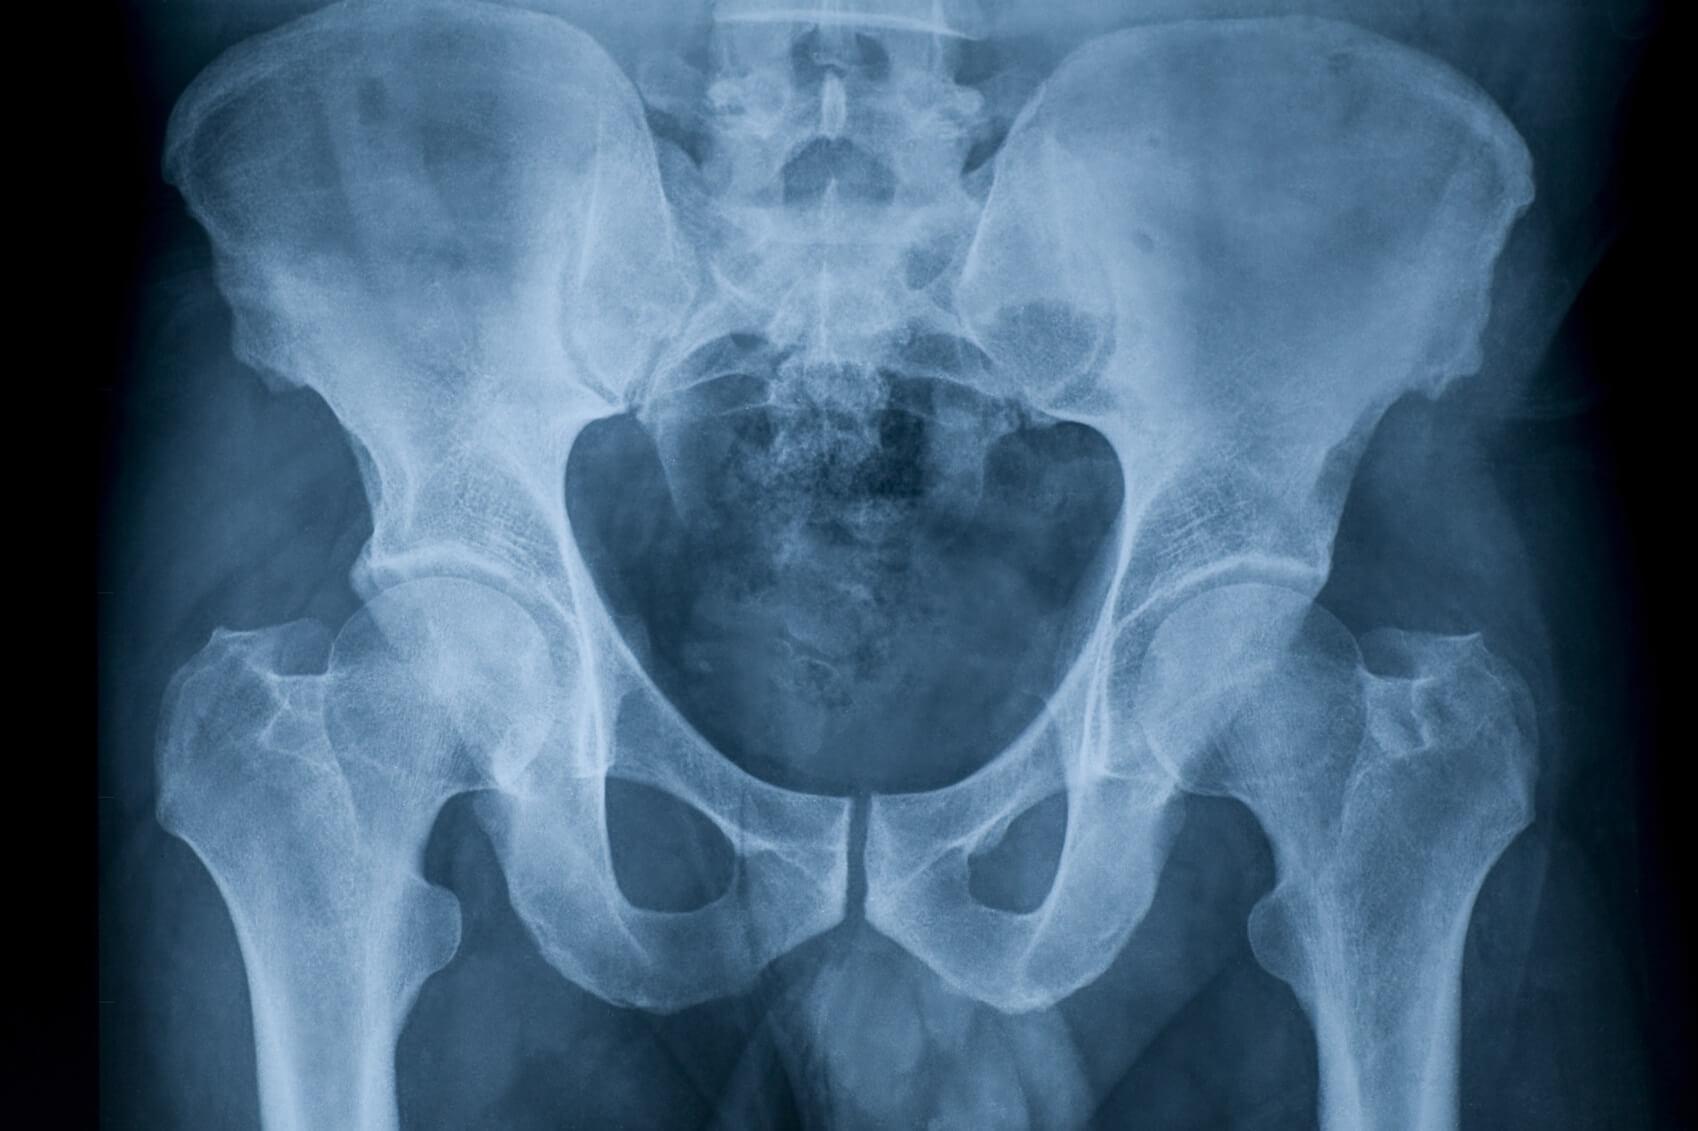 Проведение рентгена тазобедренного сустава настойка из сирени от суставов